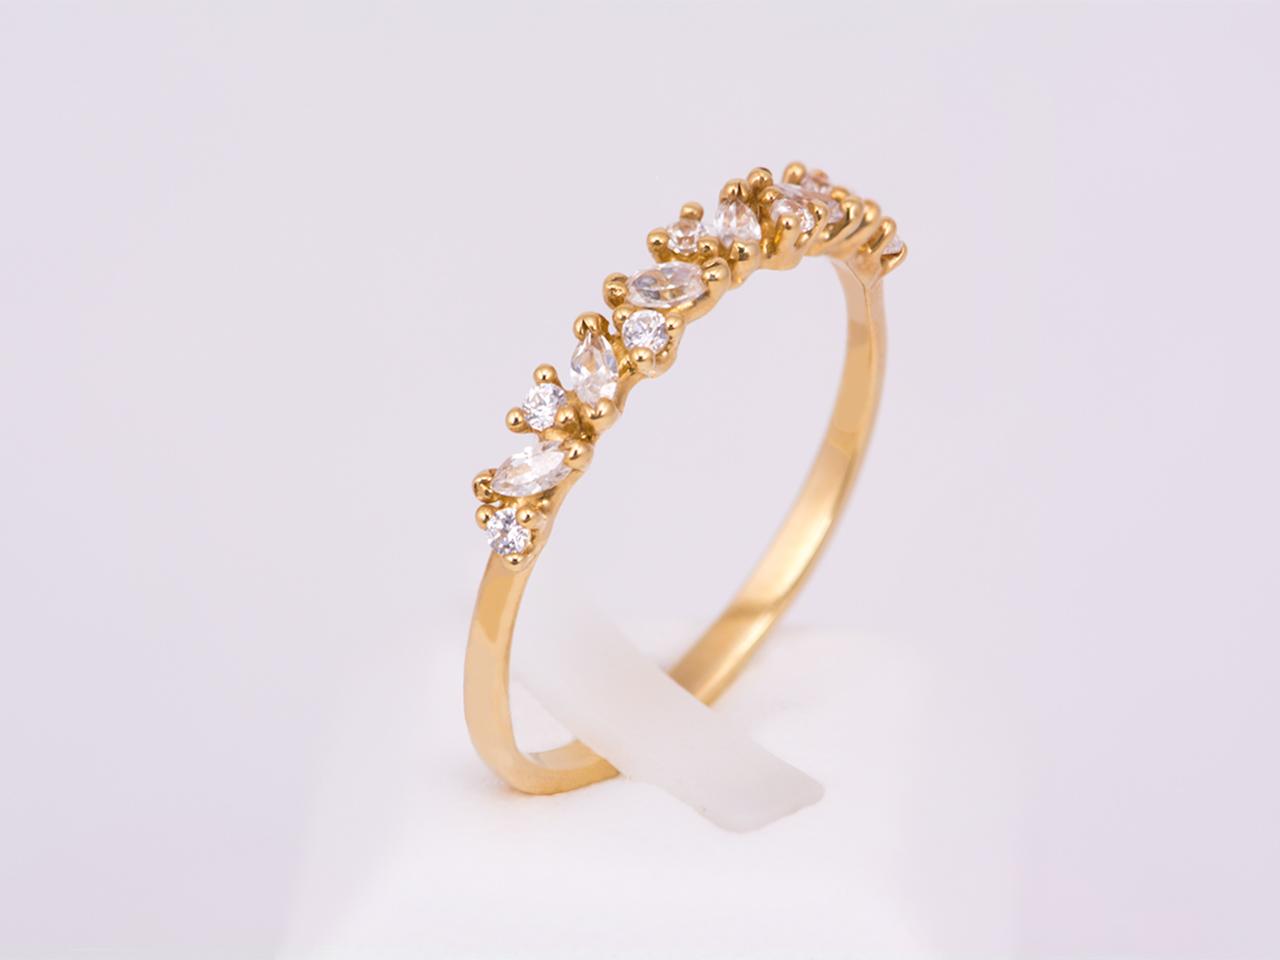 Δαχτυλίδι σειρέ χρυσό Κ14 με ζιργκόν  129d06d40b0